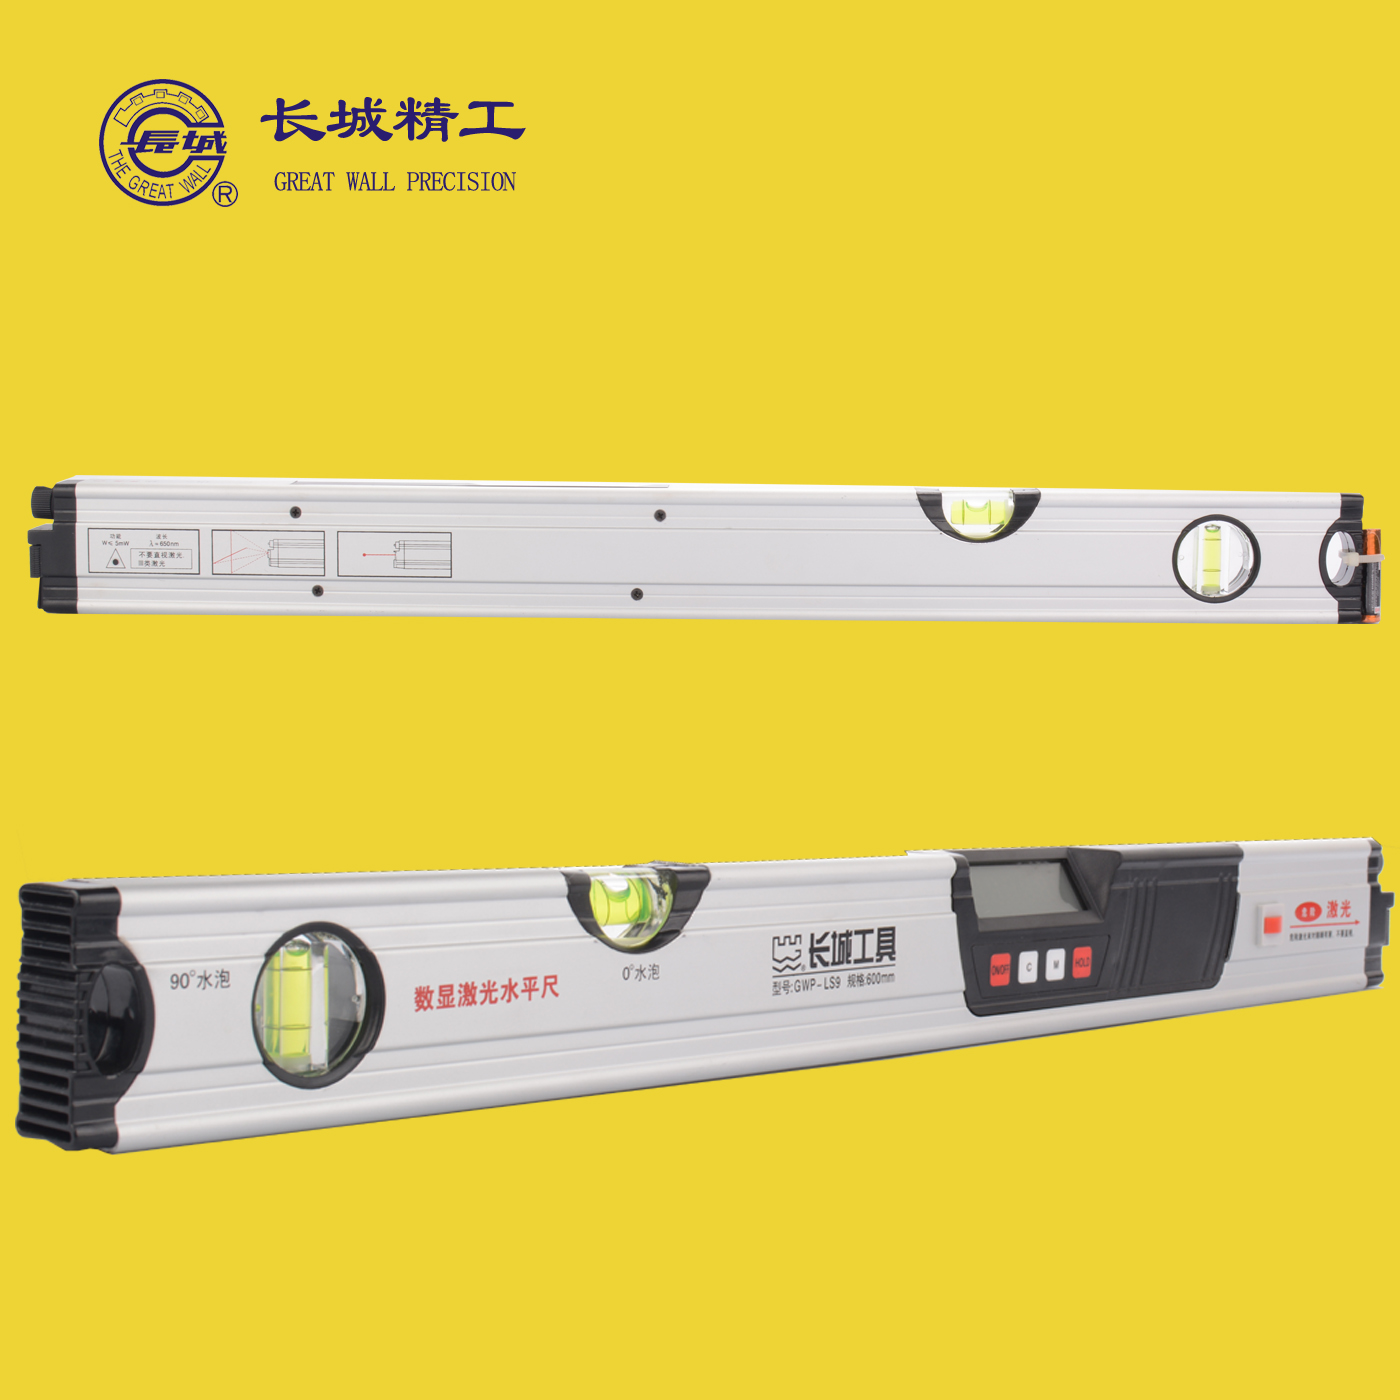 长城精工水平尺600mm数显激光铝水平尺高精度铝合金水平仪水准尺